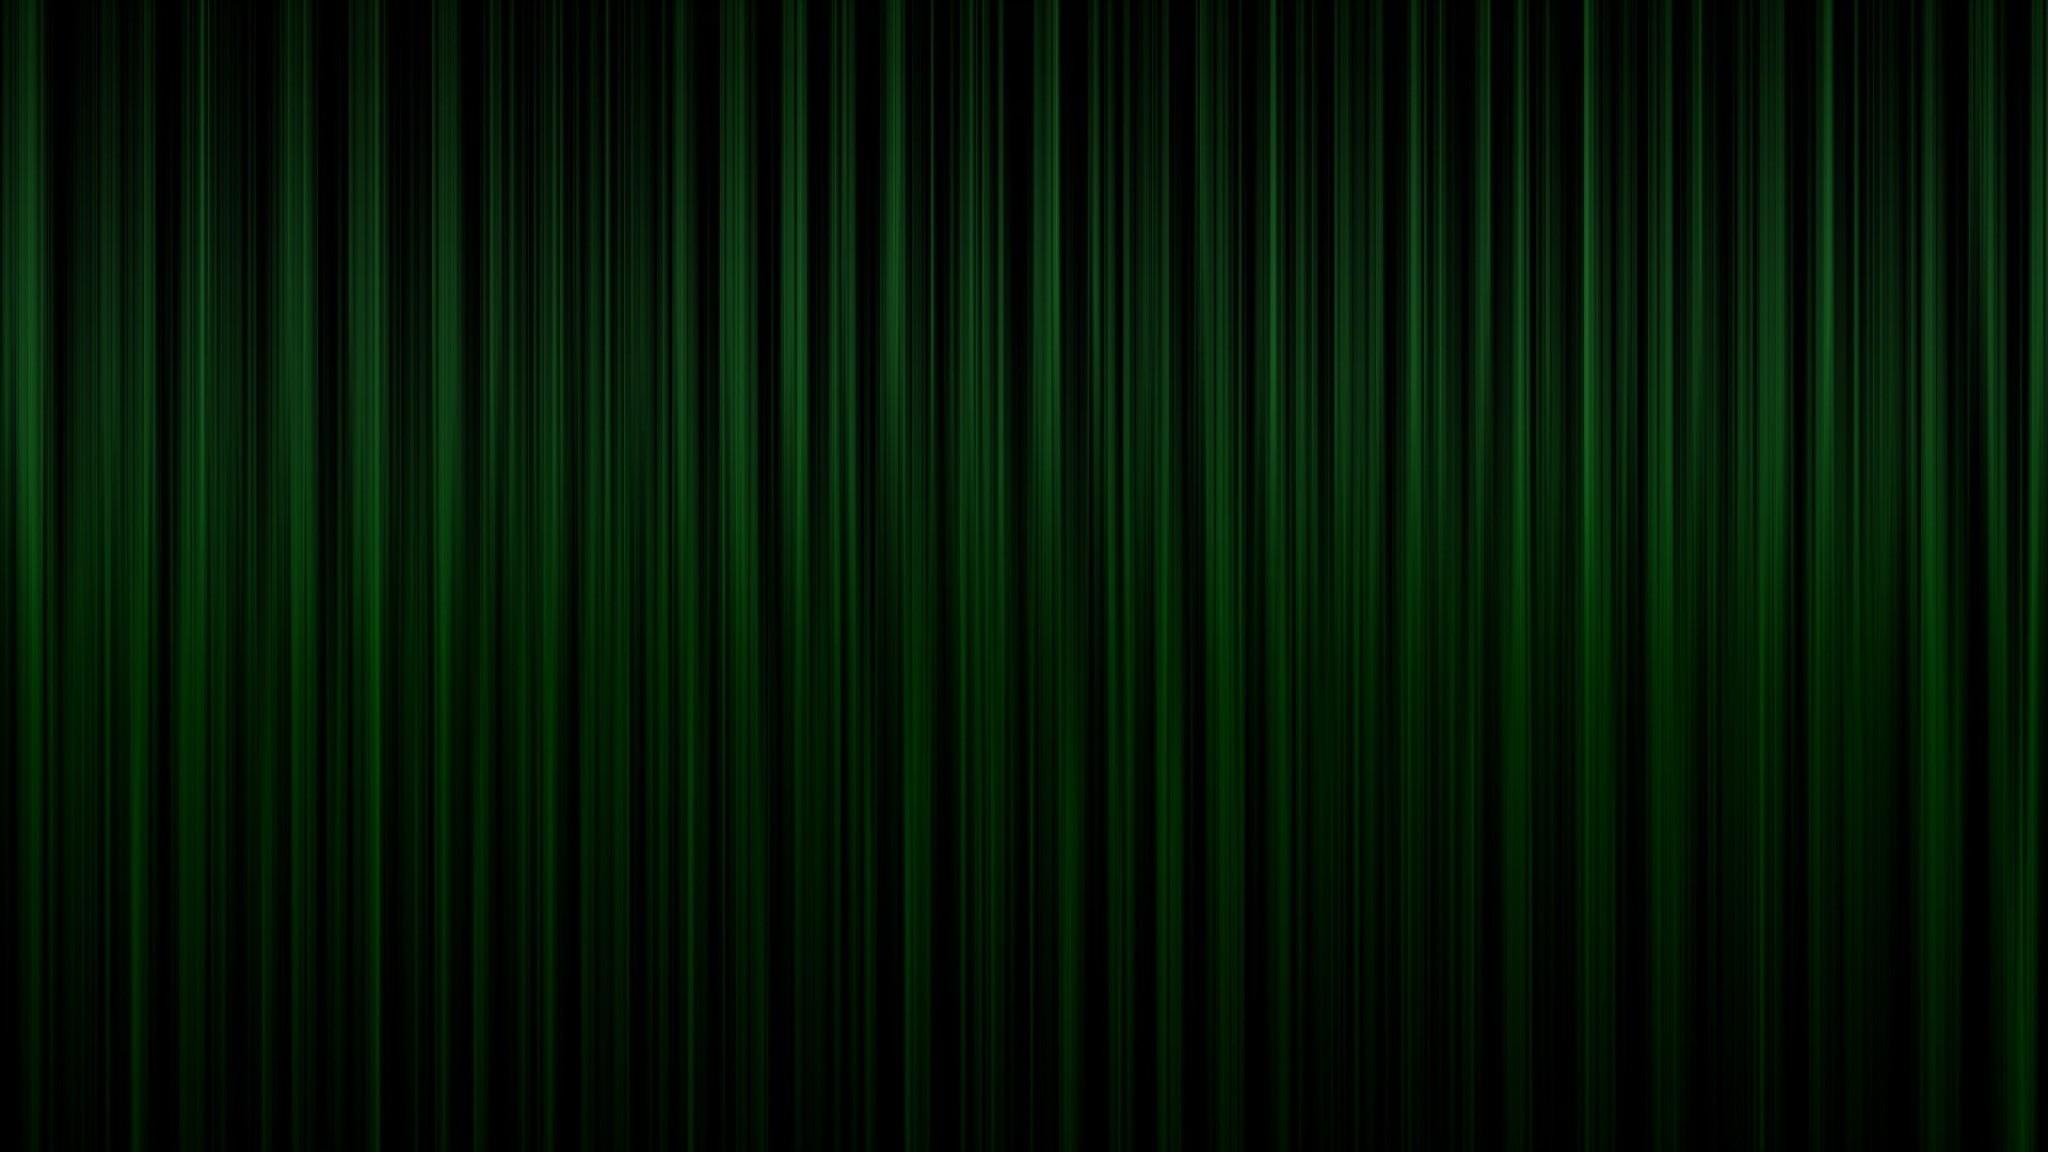 Preview wallpaper green, bands, vertical, dark, shadow 2048×1152